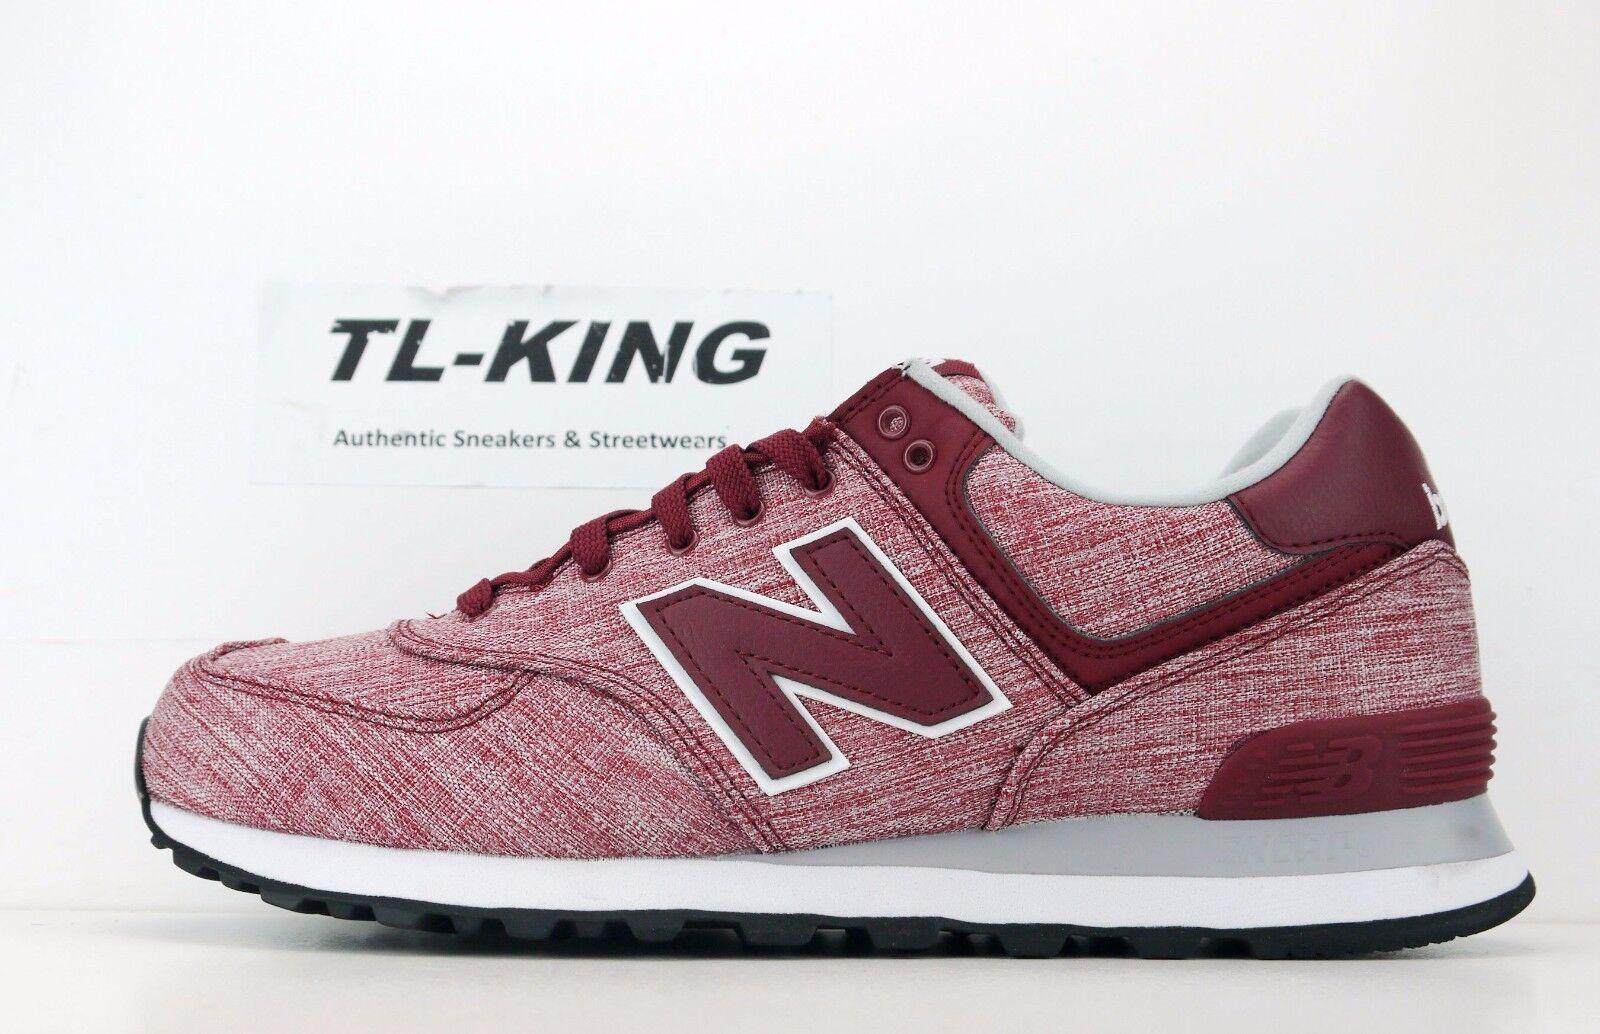 Plata Roja ML574TXG Clásico Mercurio New Balance Visón Clásico ML574TXG Sneaker precio de venta sugerido por el fabricante 80 HF 2c041d